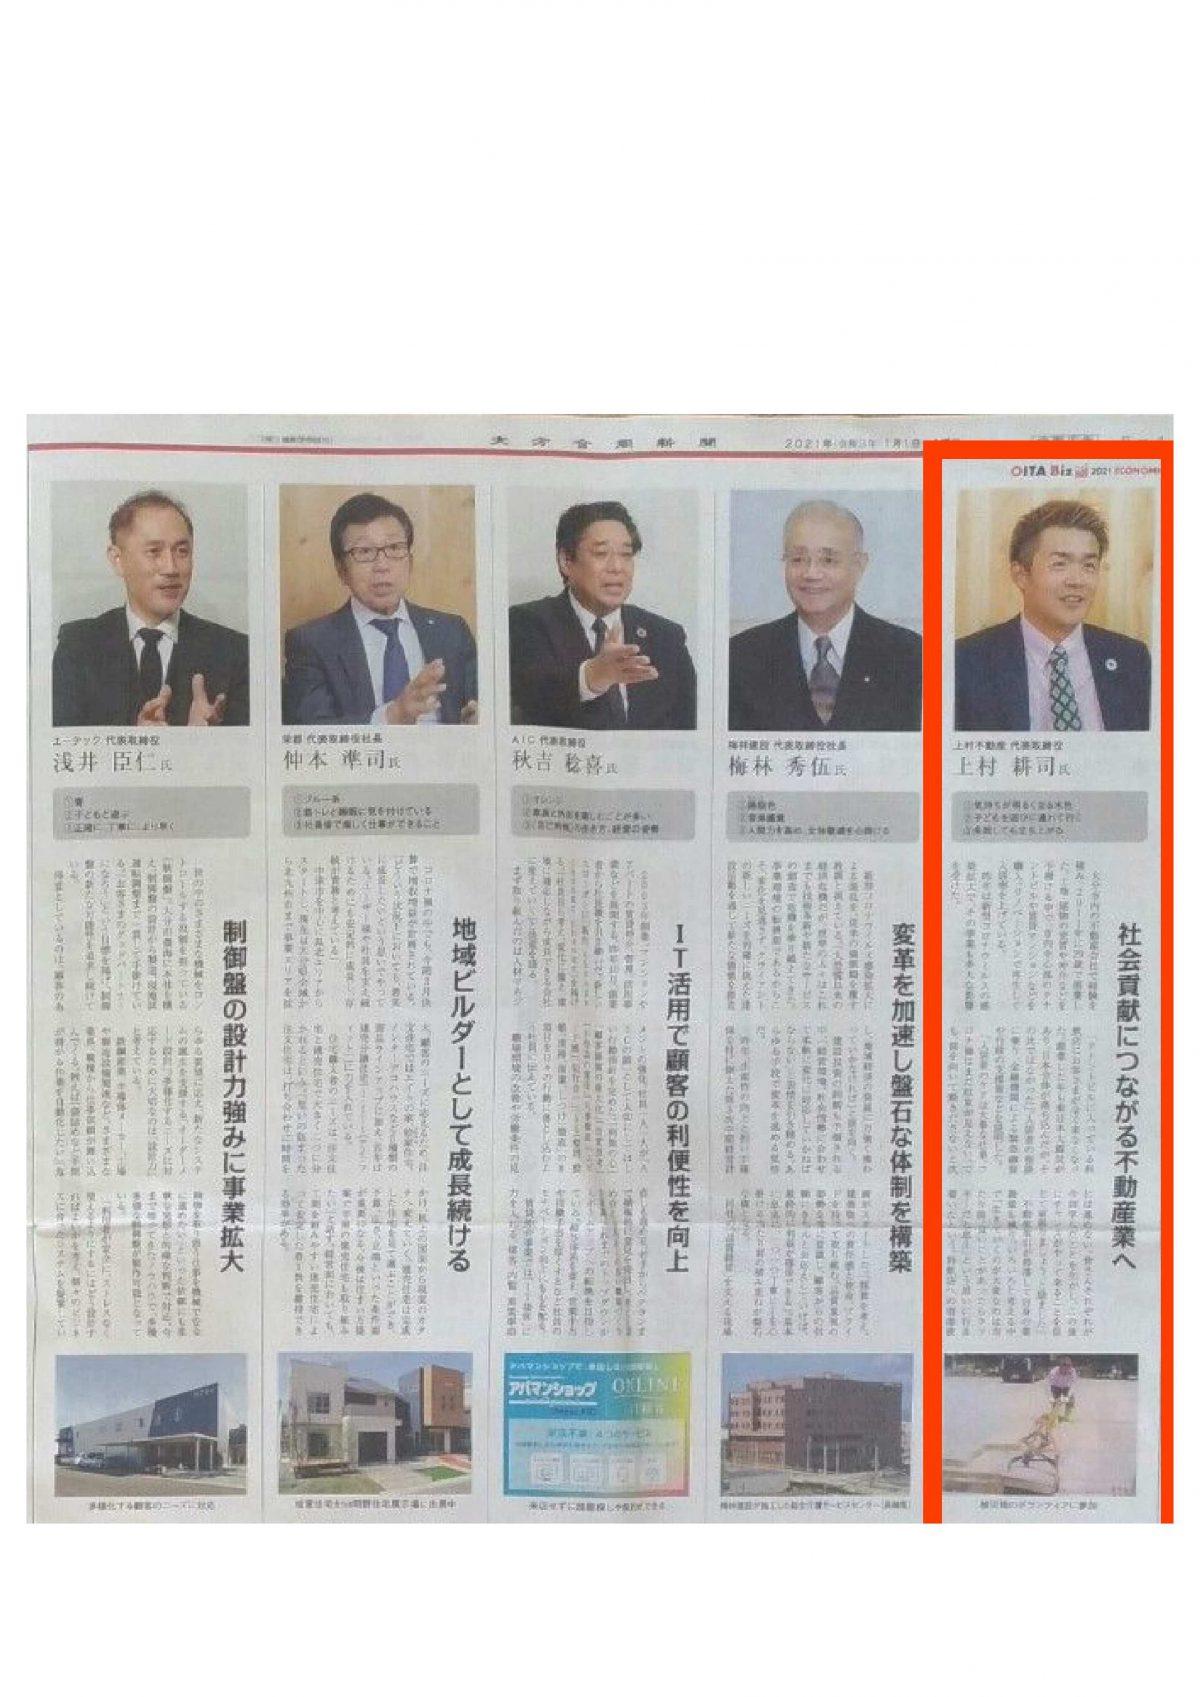 『陽は昇る令和3年新春インタビュー』大分合同新聞に年始のご挨拶掲載致しました!!